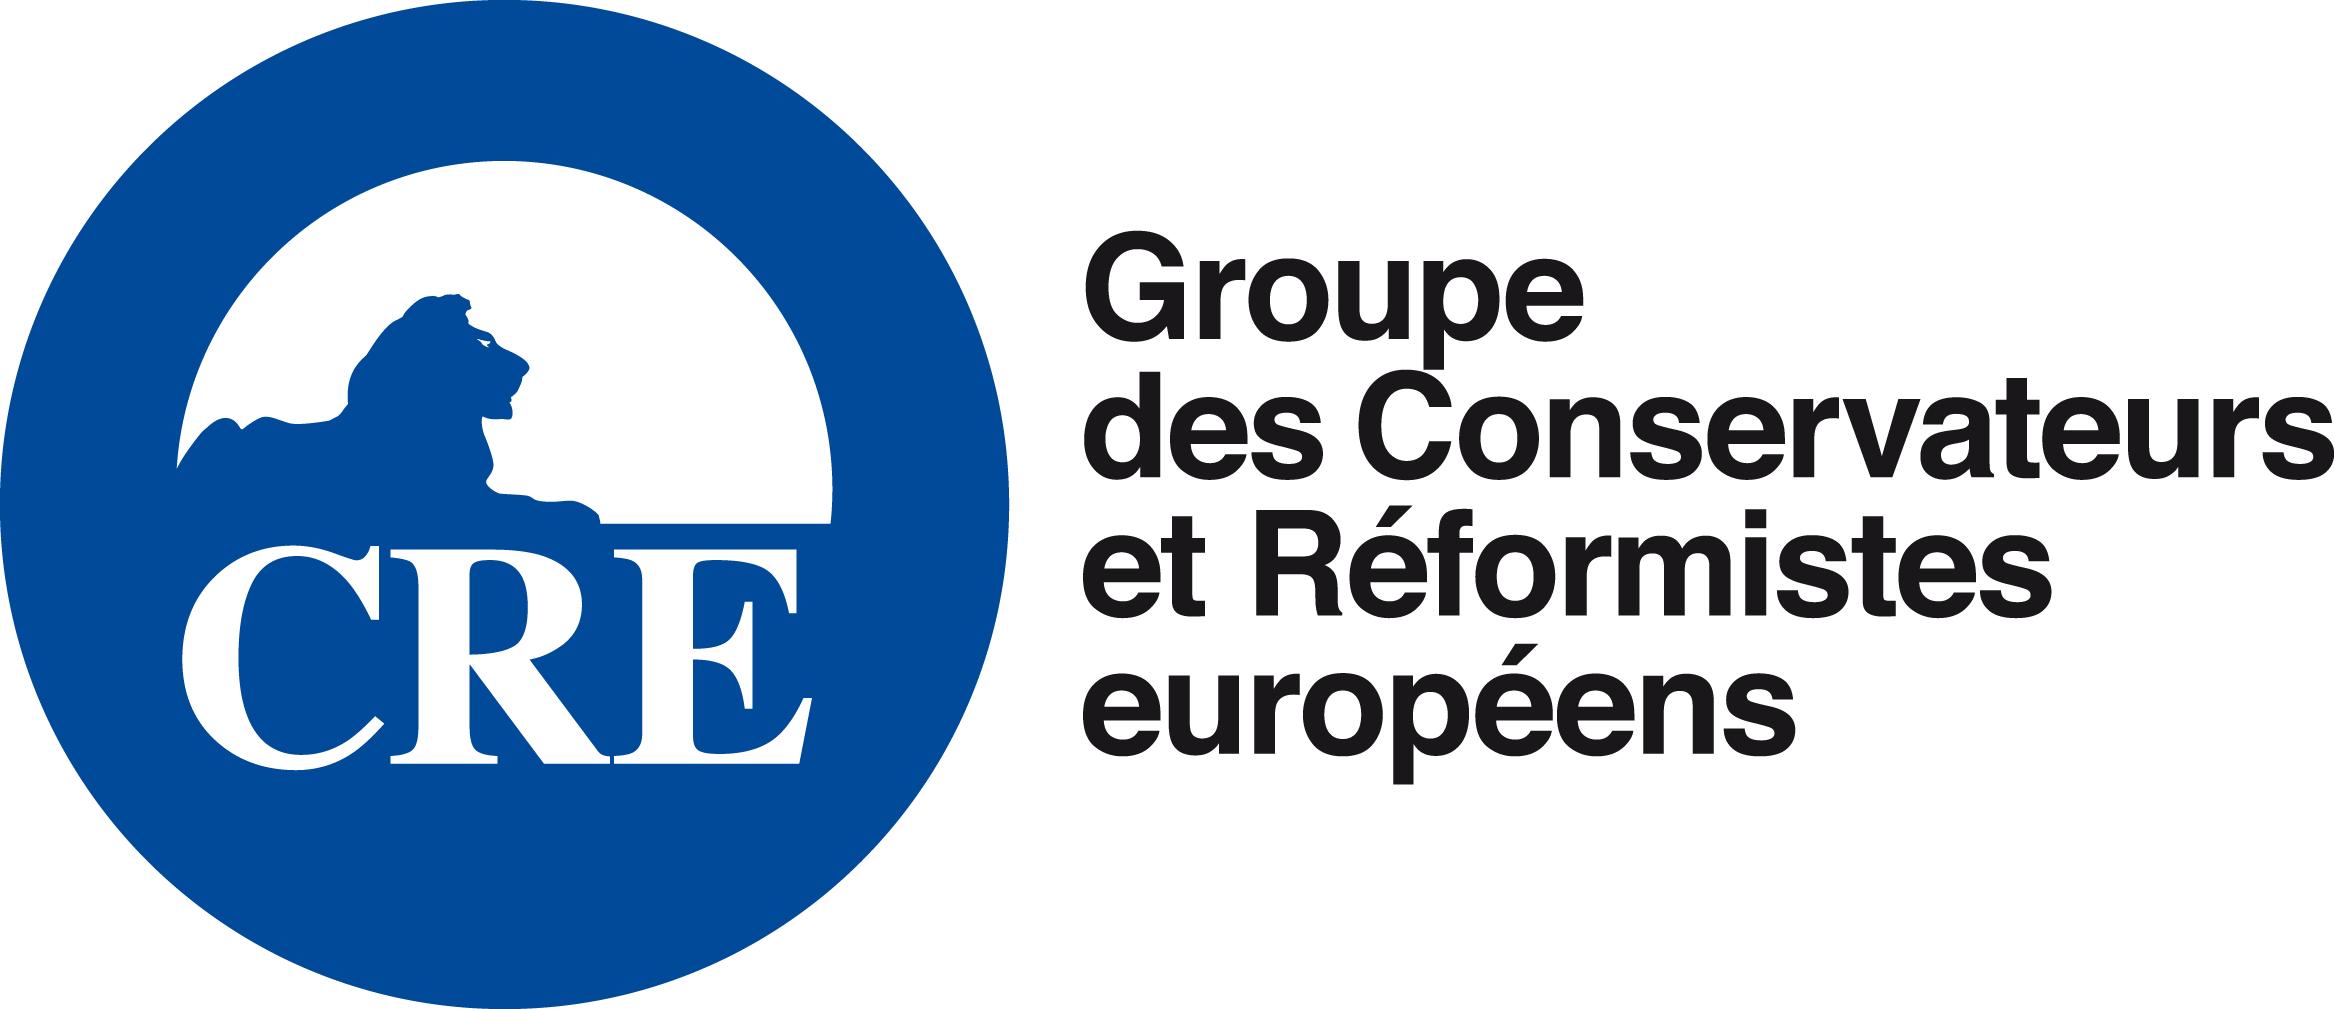 Parlement européen : la fin annoncée des Conservateurs et Réformistes européens (ECR)